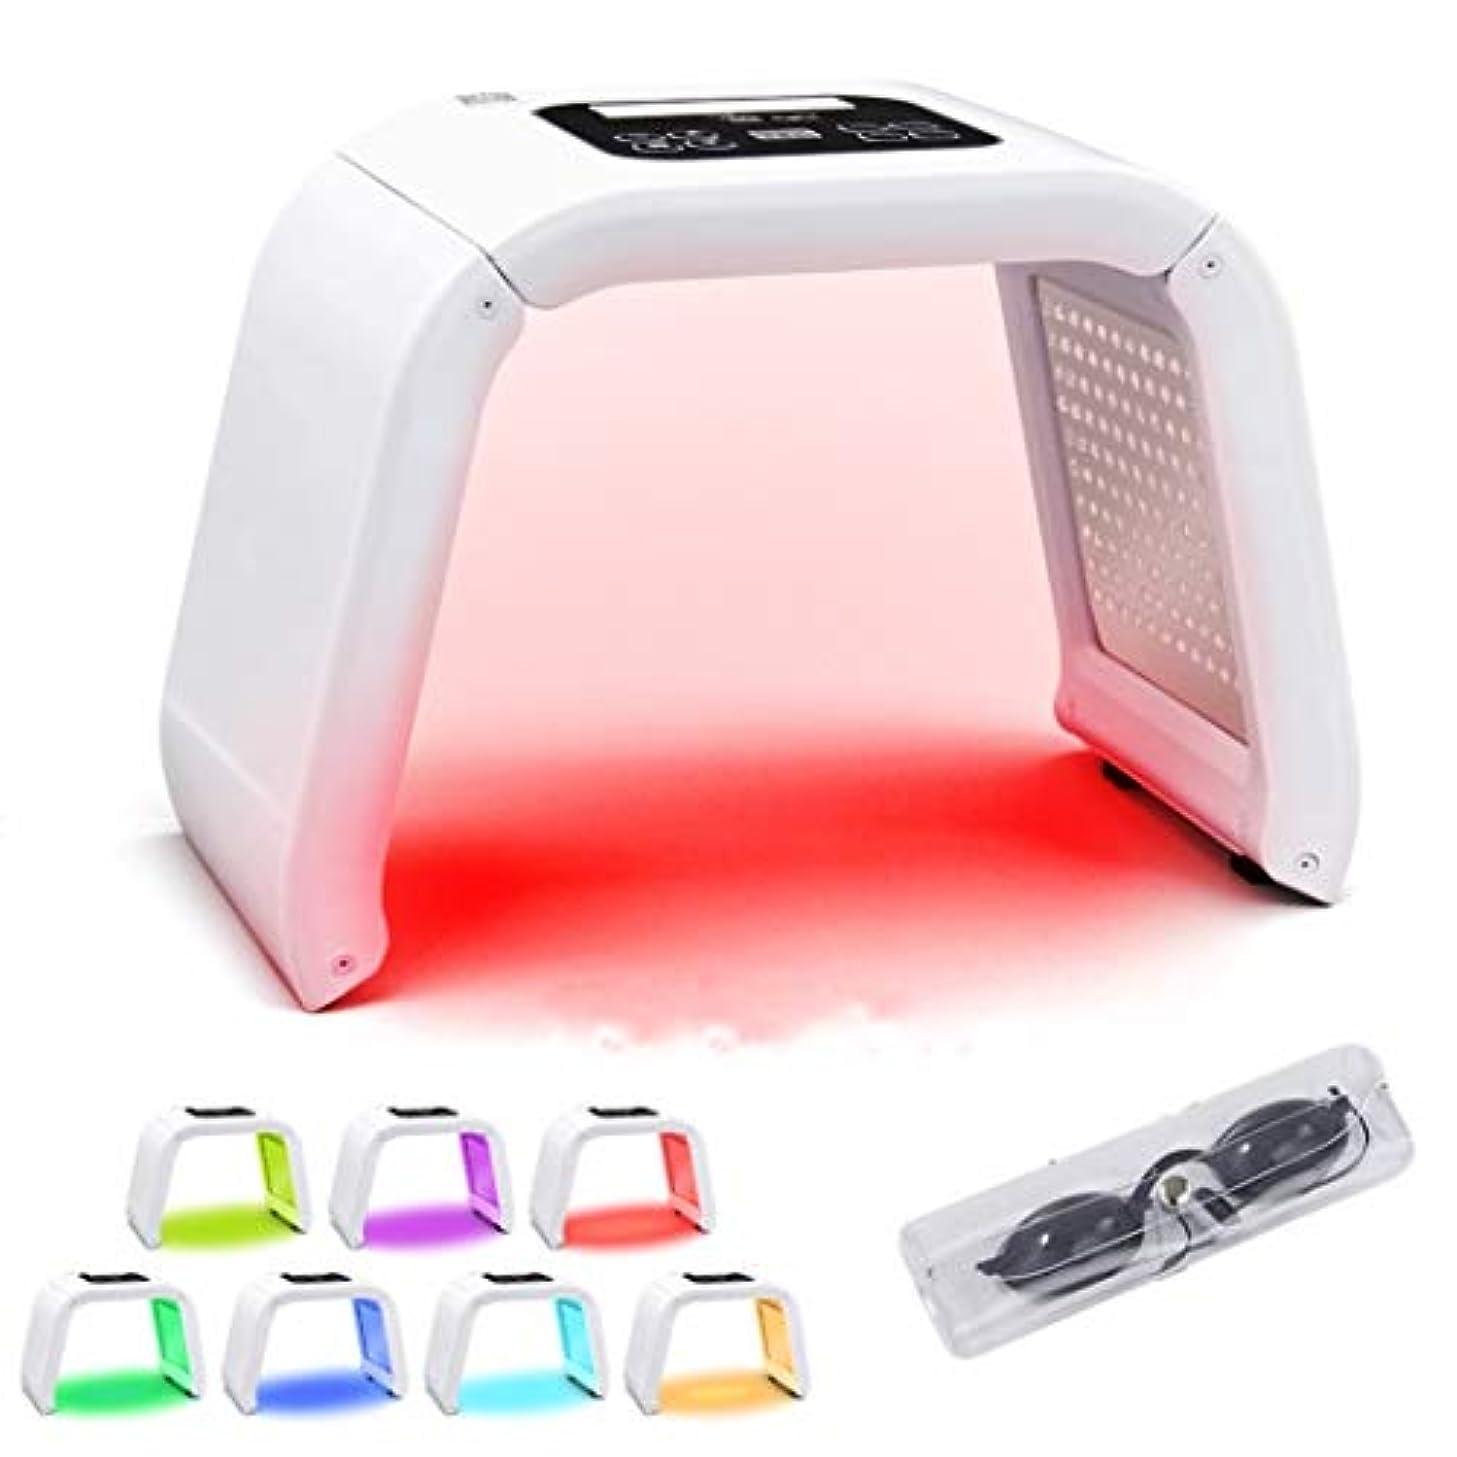 実験室一致荒廃する光線力学スキンケア、7色PDT LEDライト美容光線力学ランプウェルク治療肌の若返りマシン